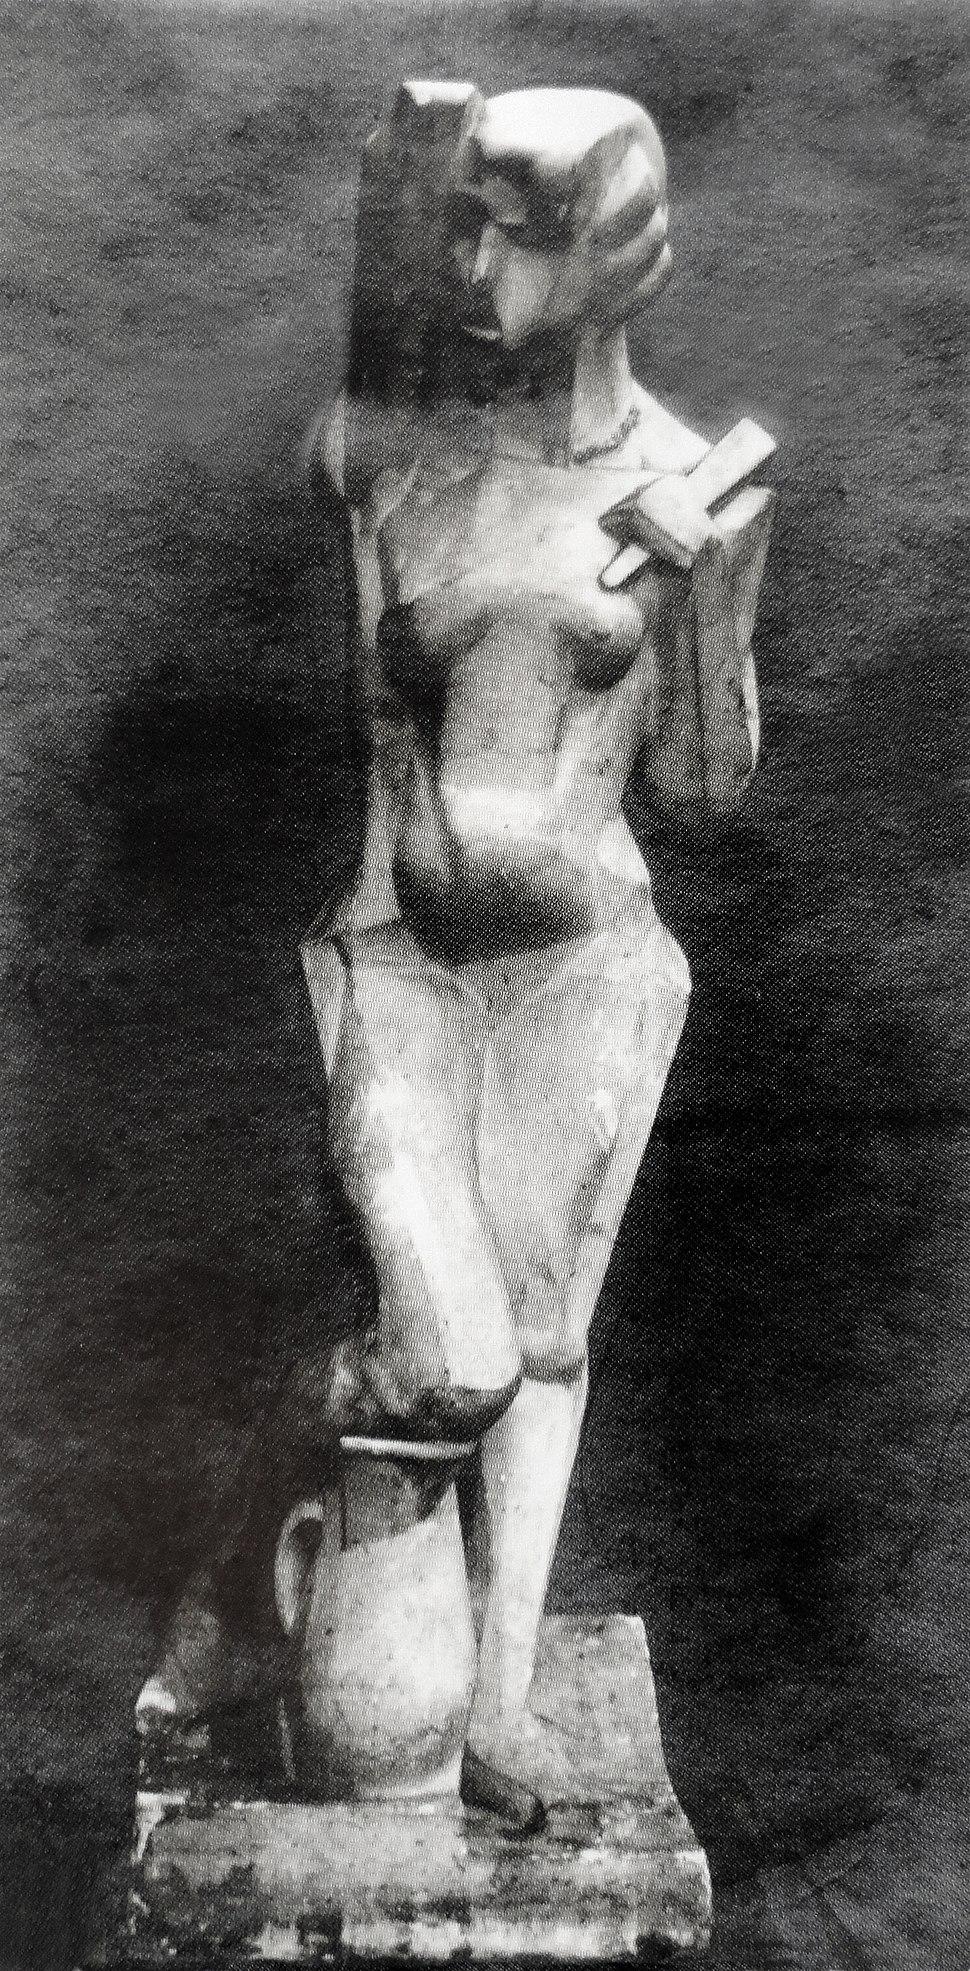 Joseph Csaky, 1912, Danseuse, Femme %C3%A0 l%27%C3%A9ventail, Femme %C3%A0 la cruche, original plaster, photo from Csaky archives AC.110